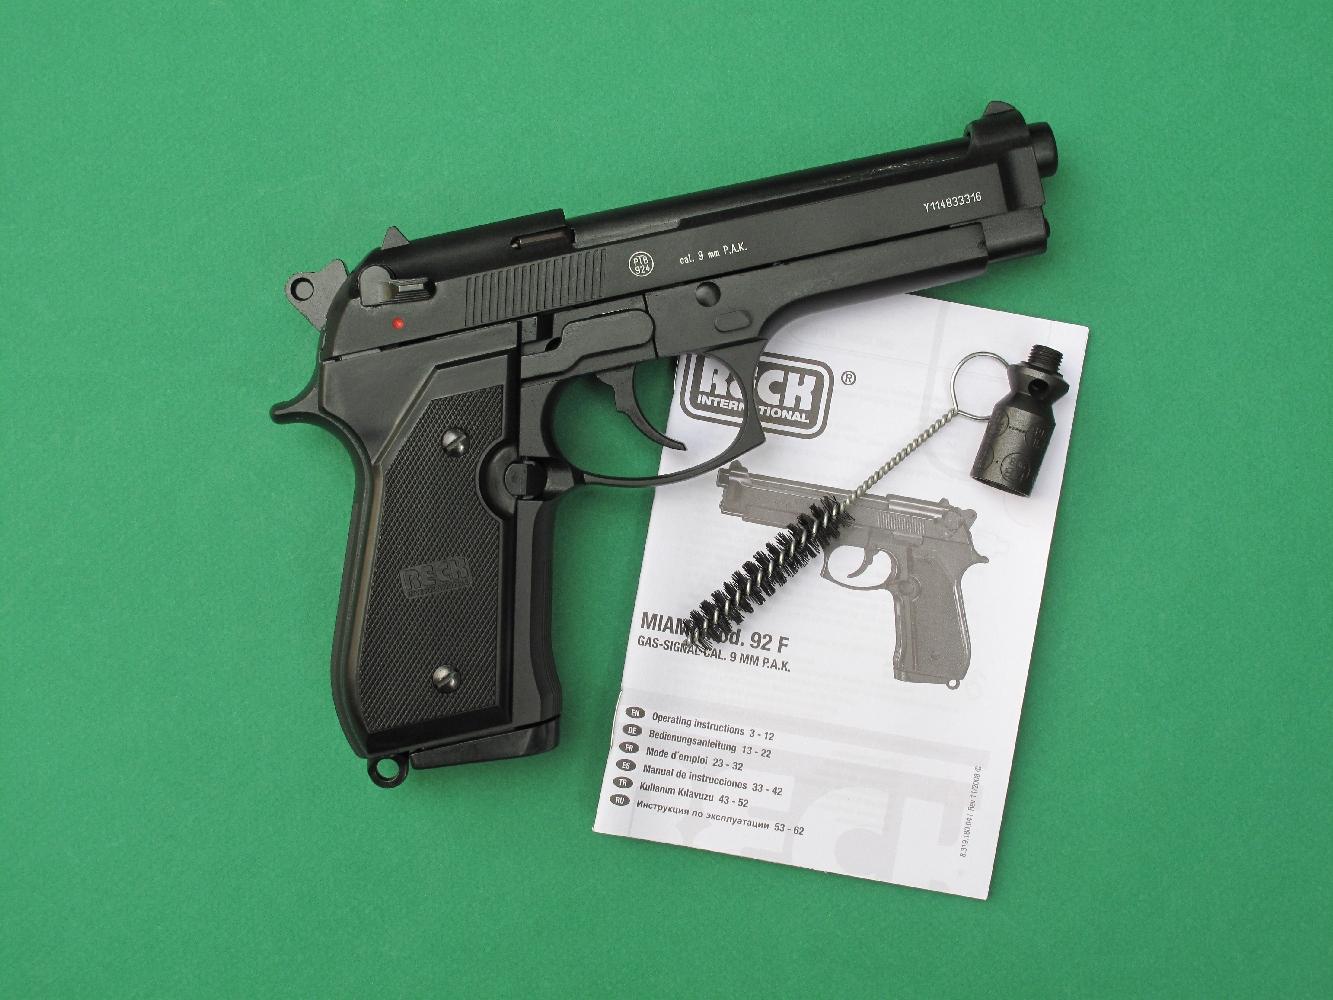 essai armes pistolet d alarme reck miami 92 f copie du. Black Bedroom Furniture Sets. Home Design Ideas